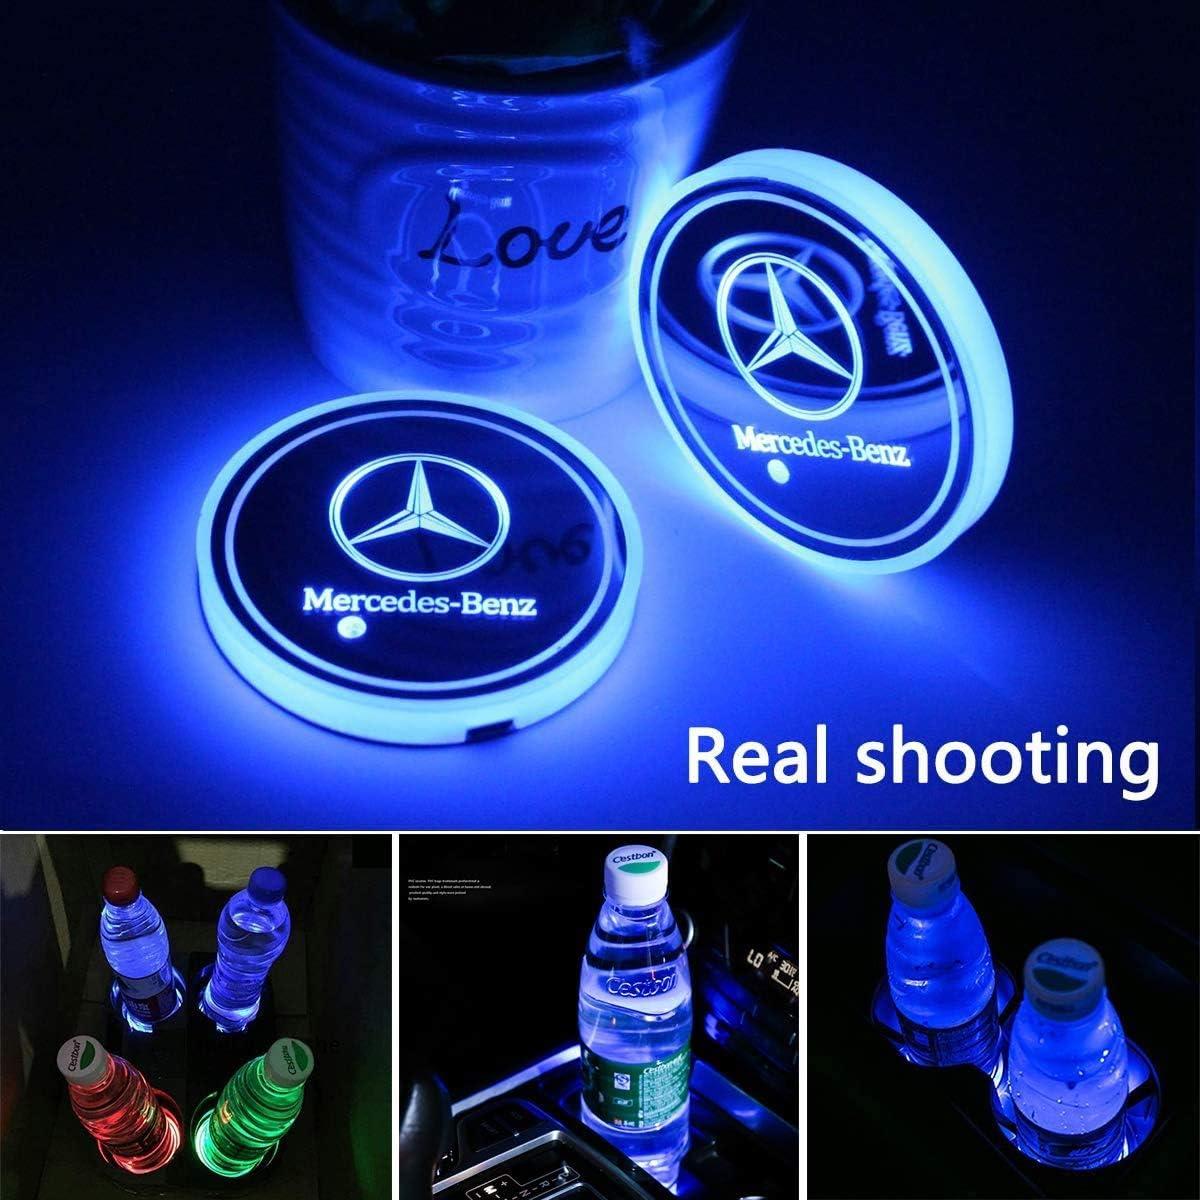 License plate frameX 2pcs LED Cup Holder Lights for Mercedes-Benz